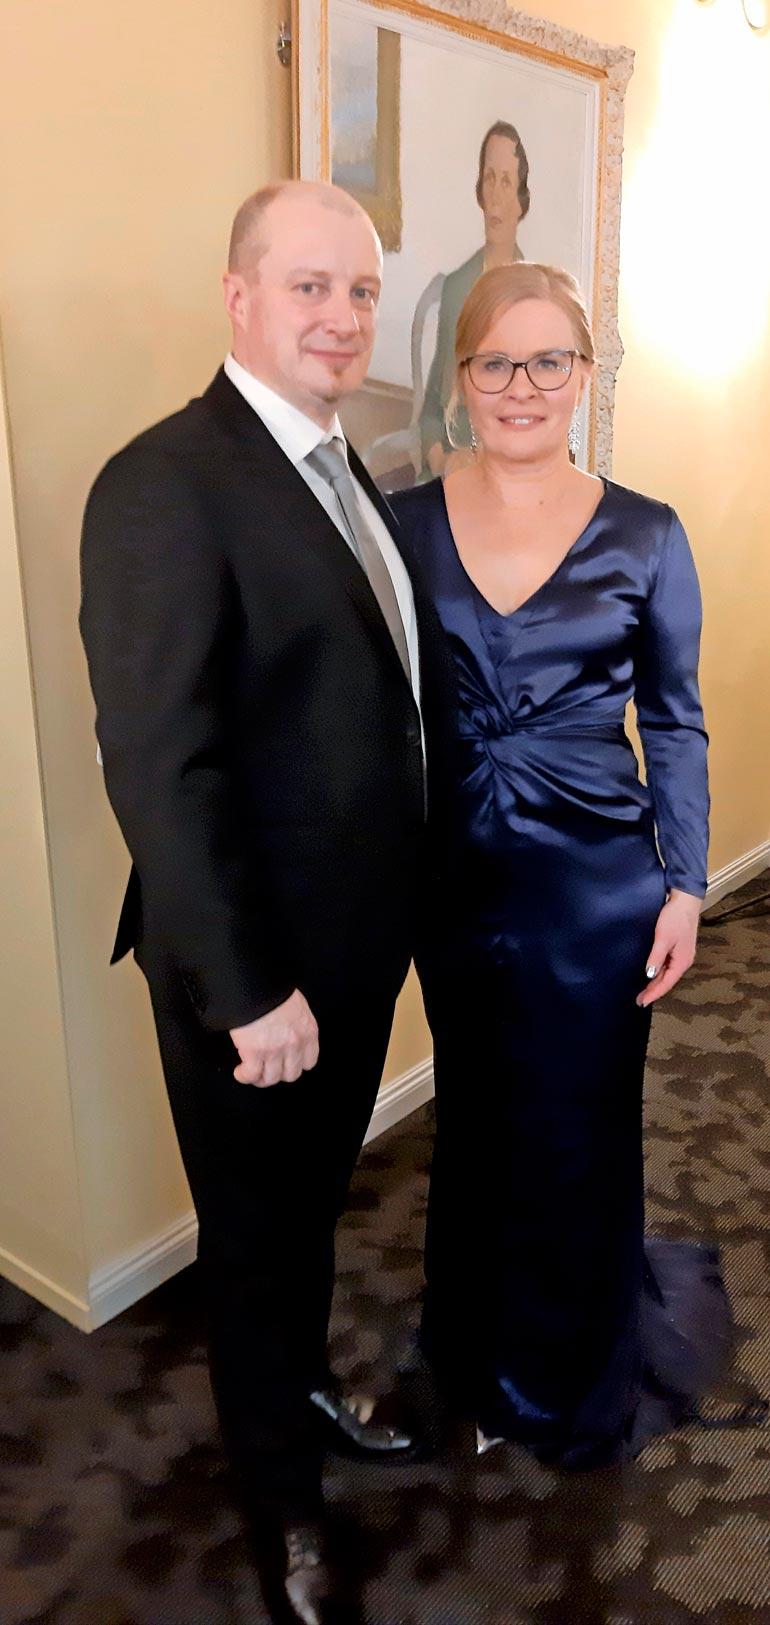 Pariskunta ei peitellyt onneaan vuonna 2019 Sauli Niinistön isännöimällä Itsenäisyyspäivän vastaanotolla.